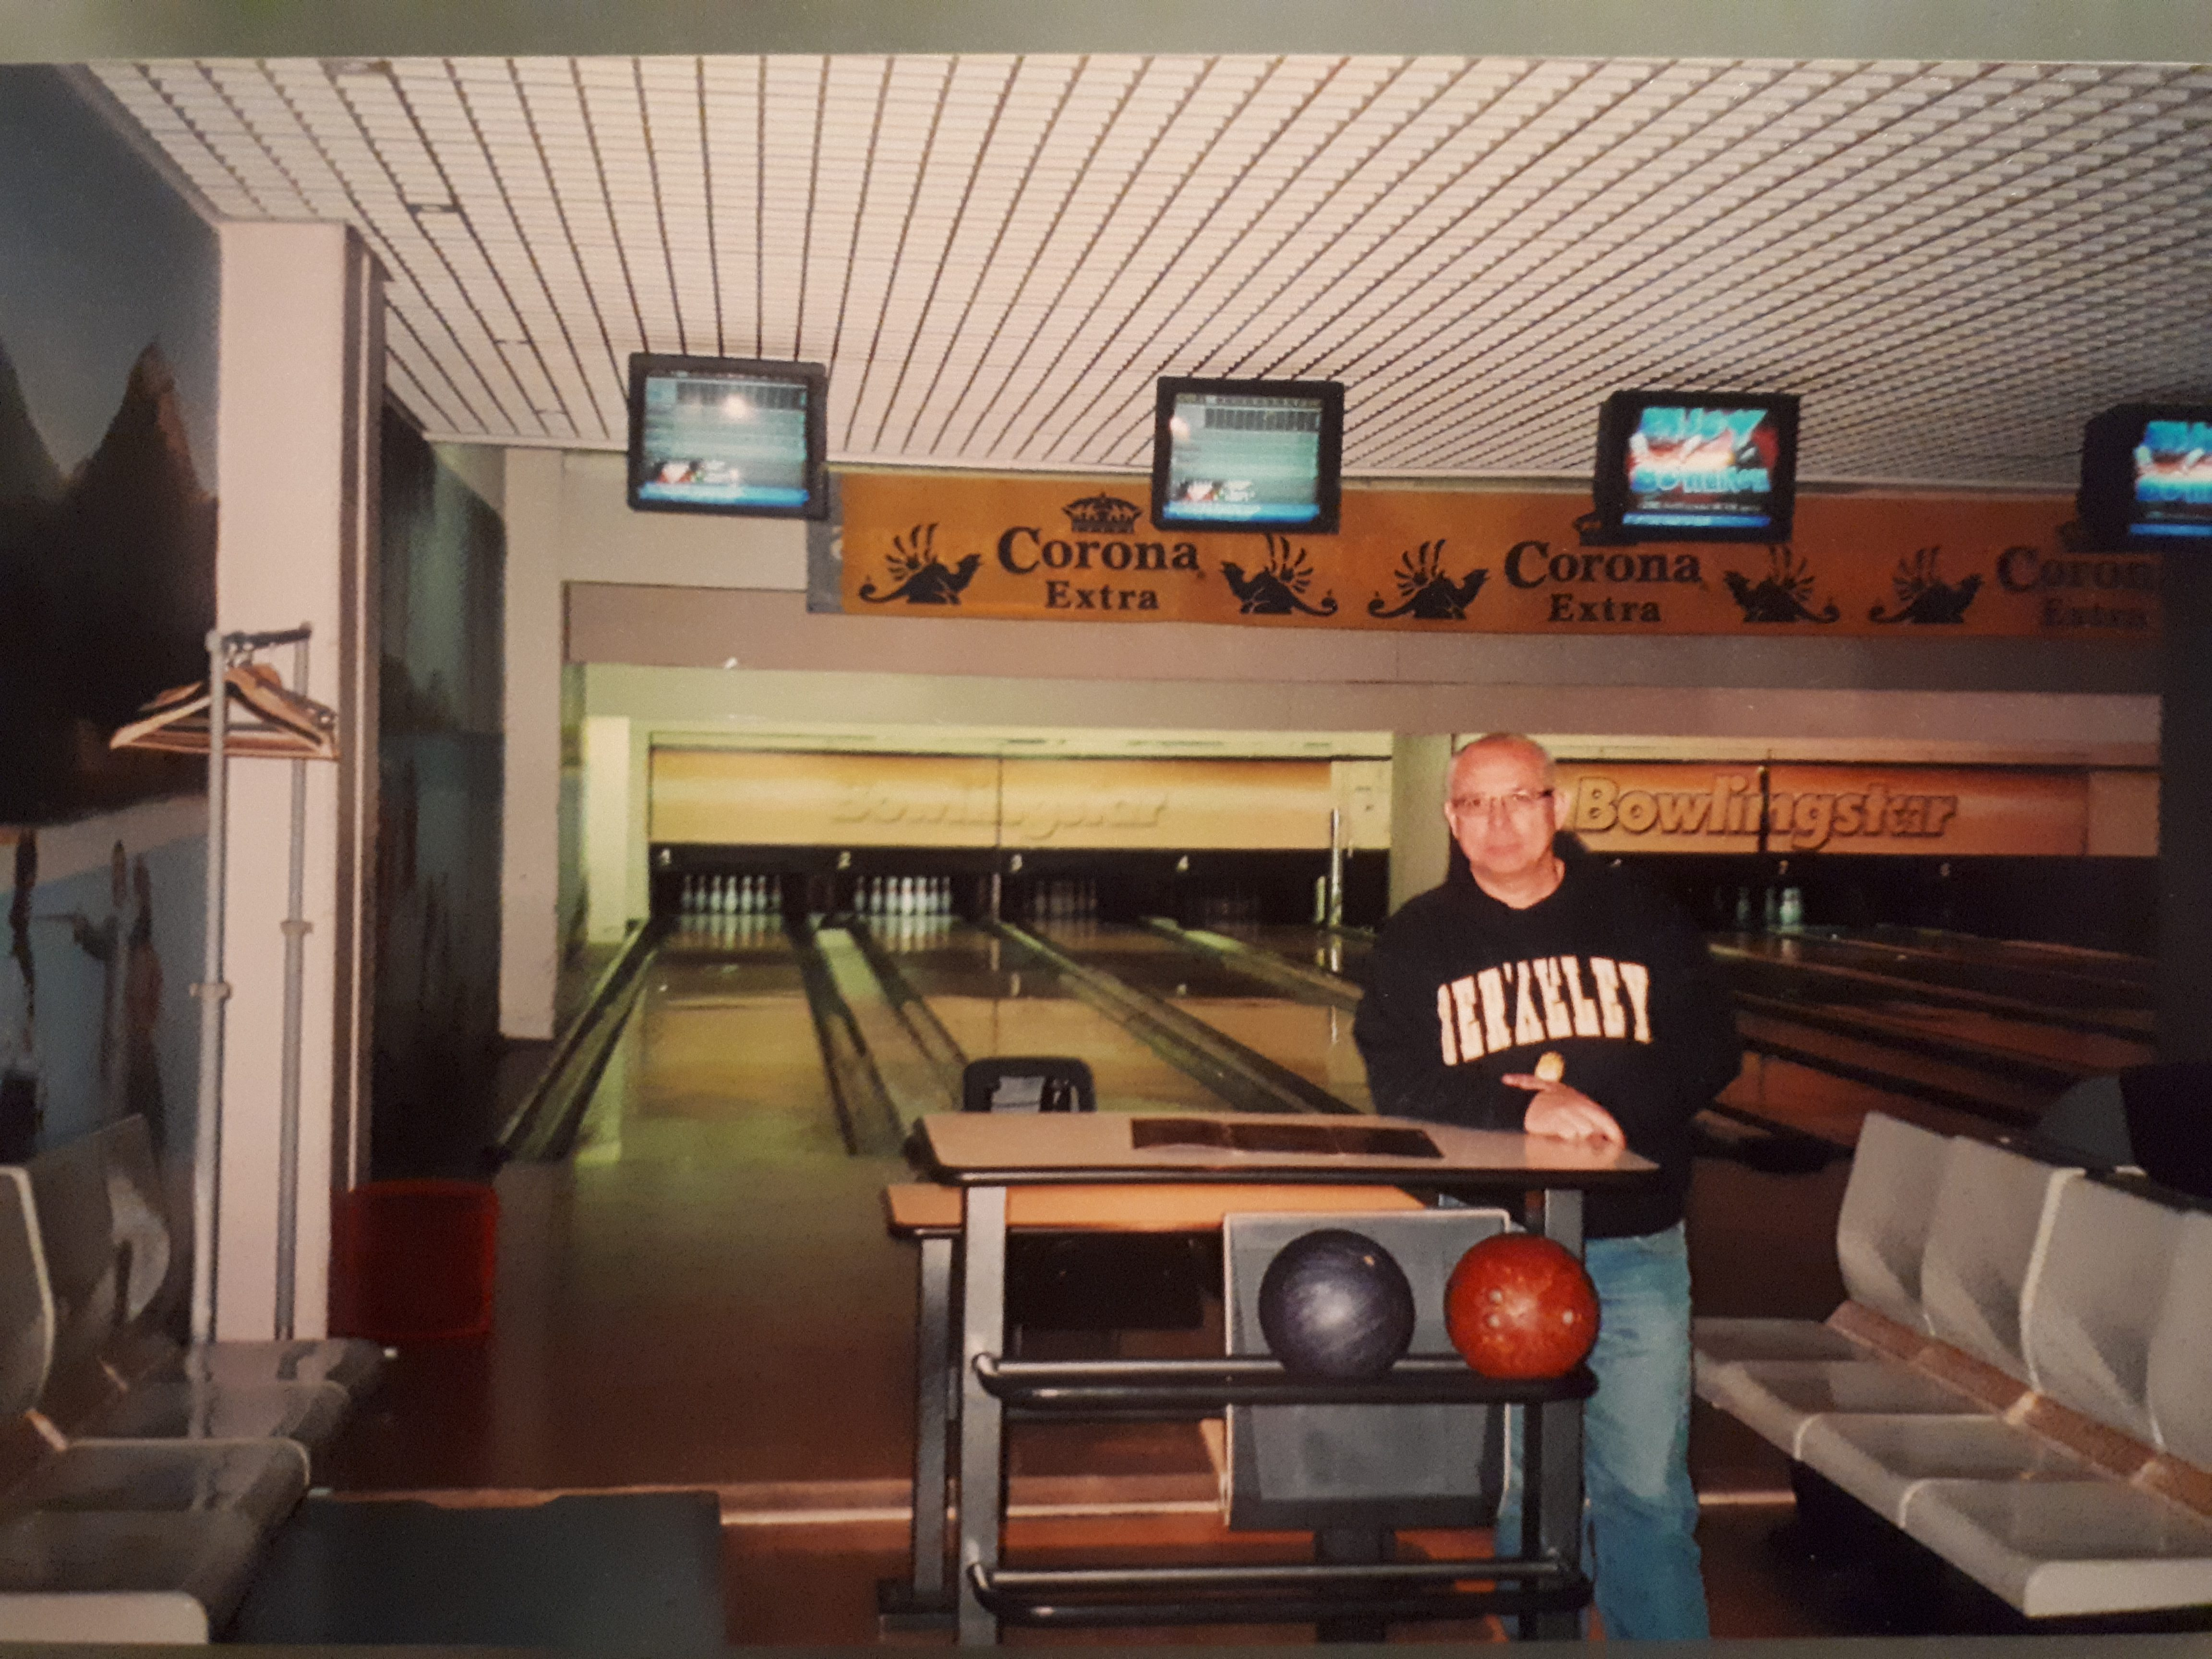 sqy-bowling-star-pf